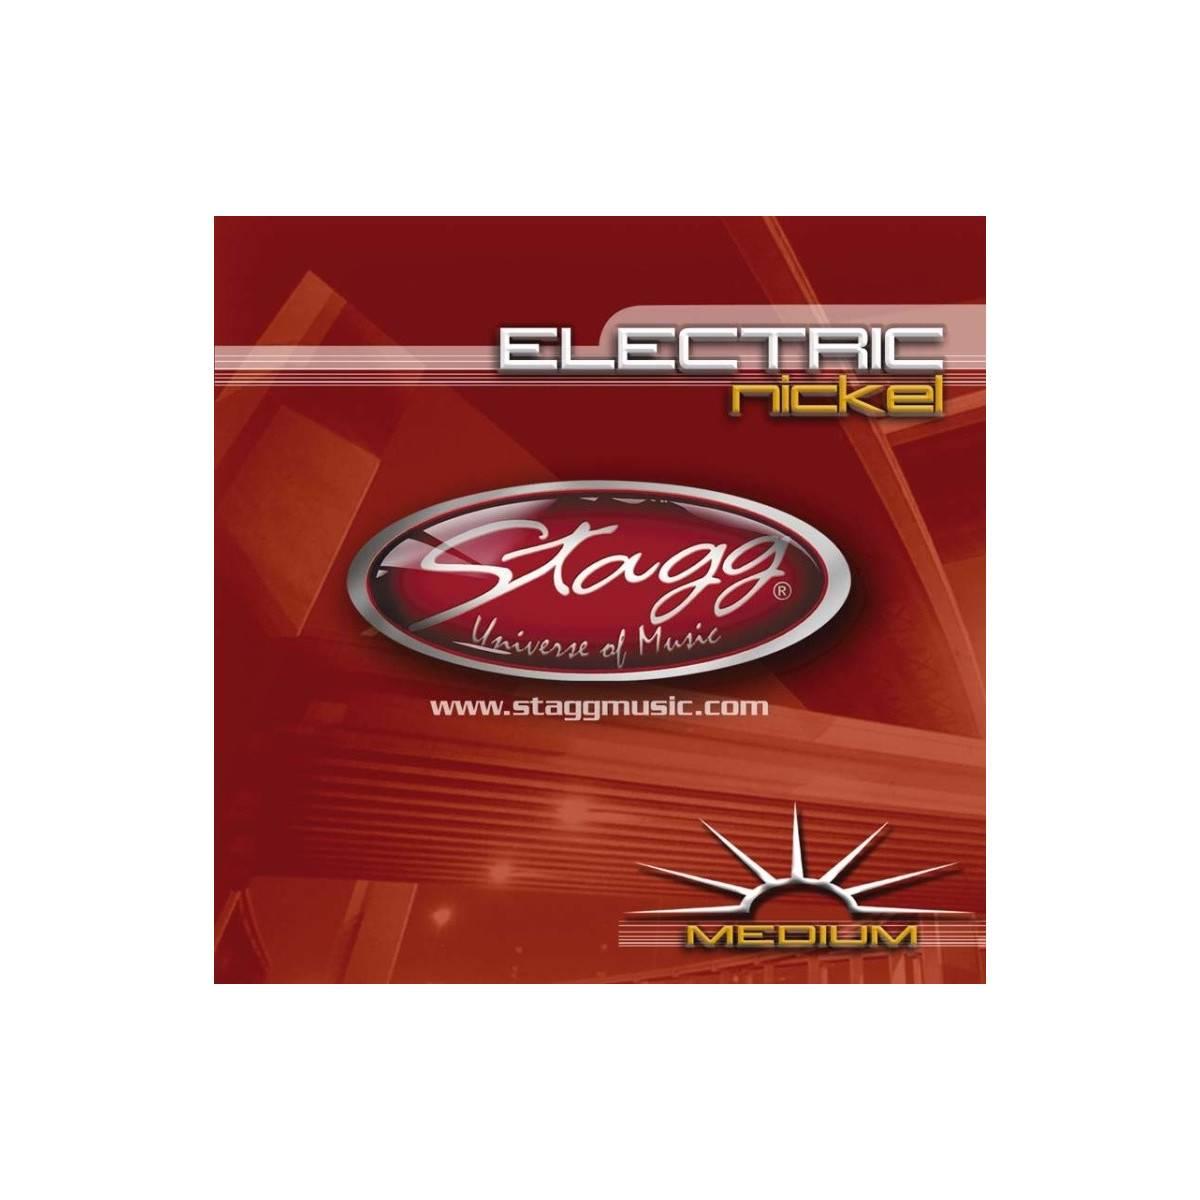 Cordes guitare Electrique EL-1152 acier nickel